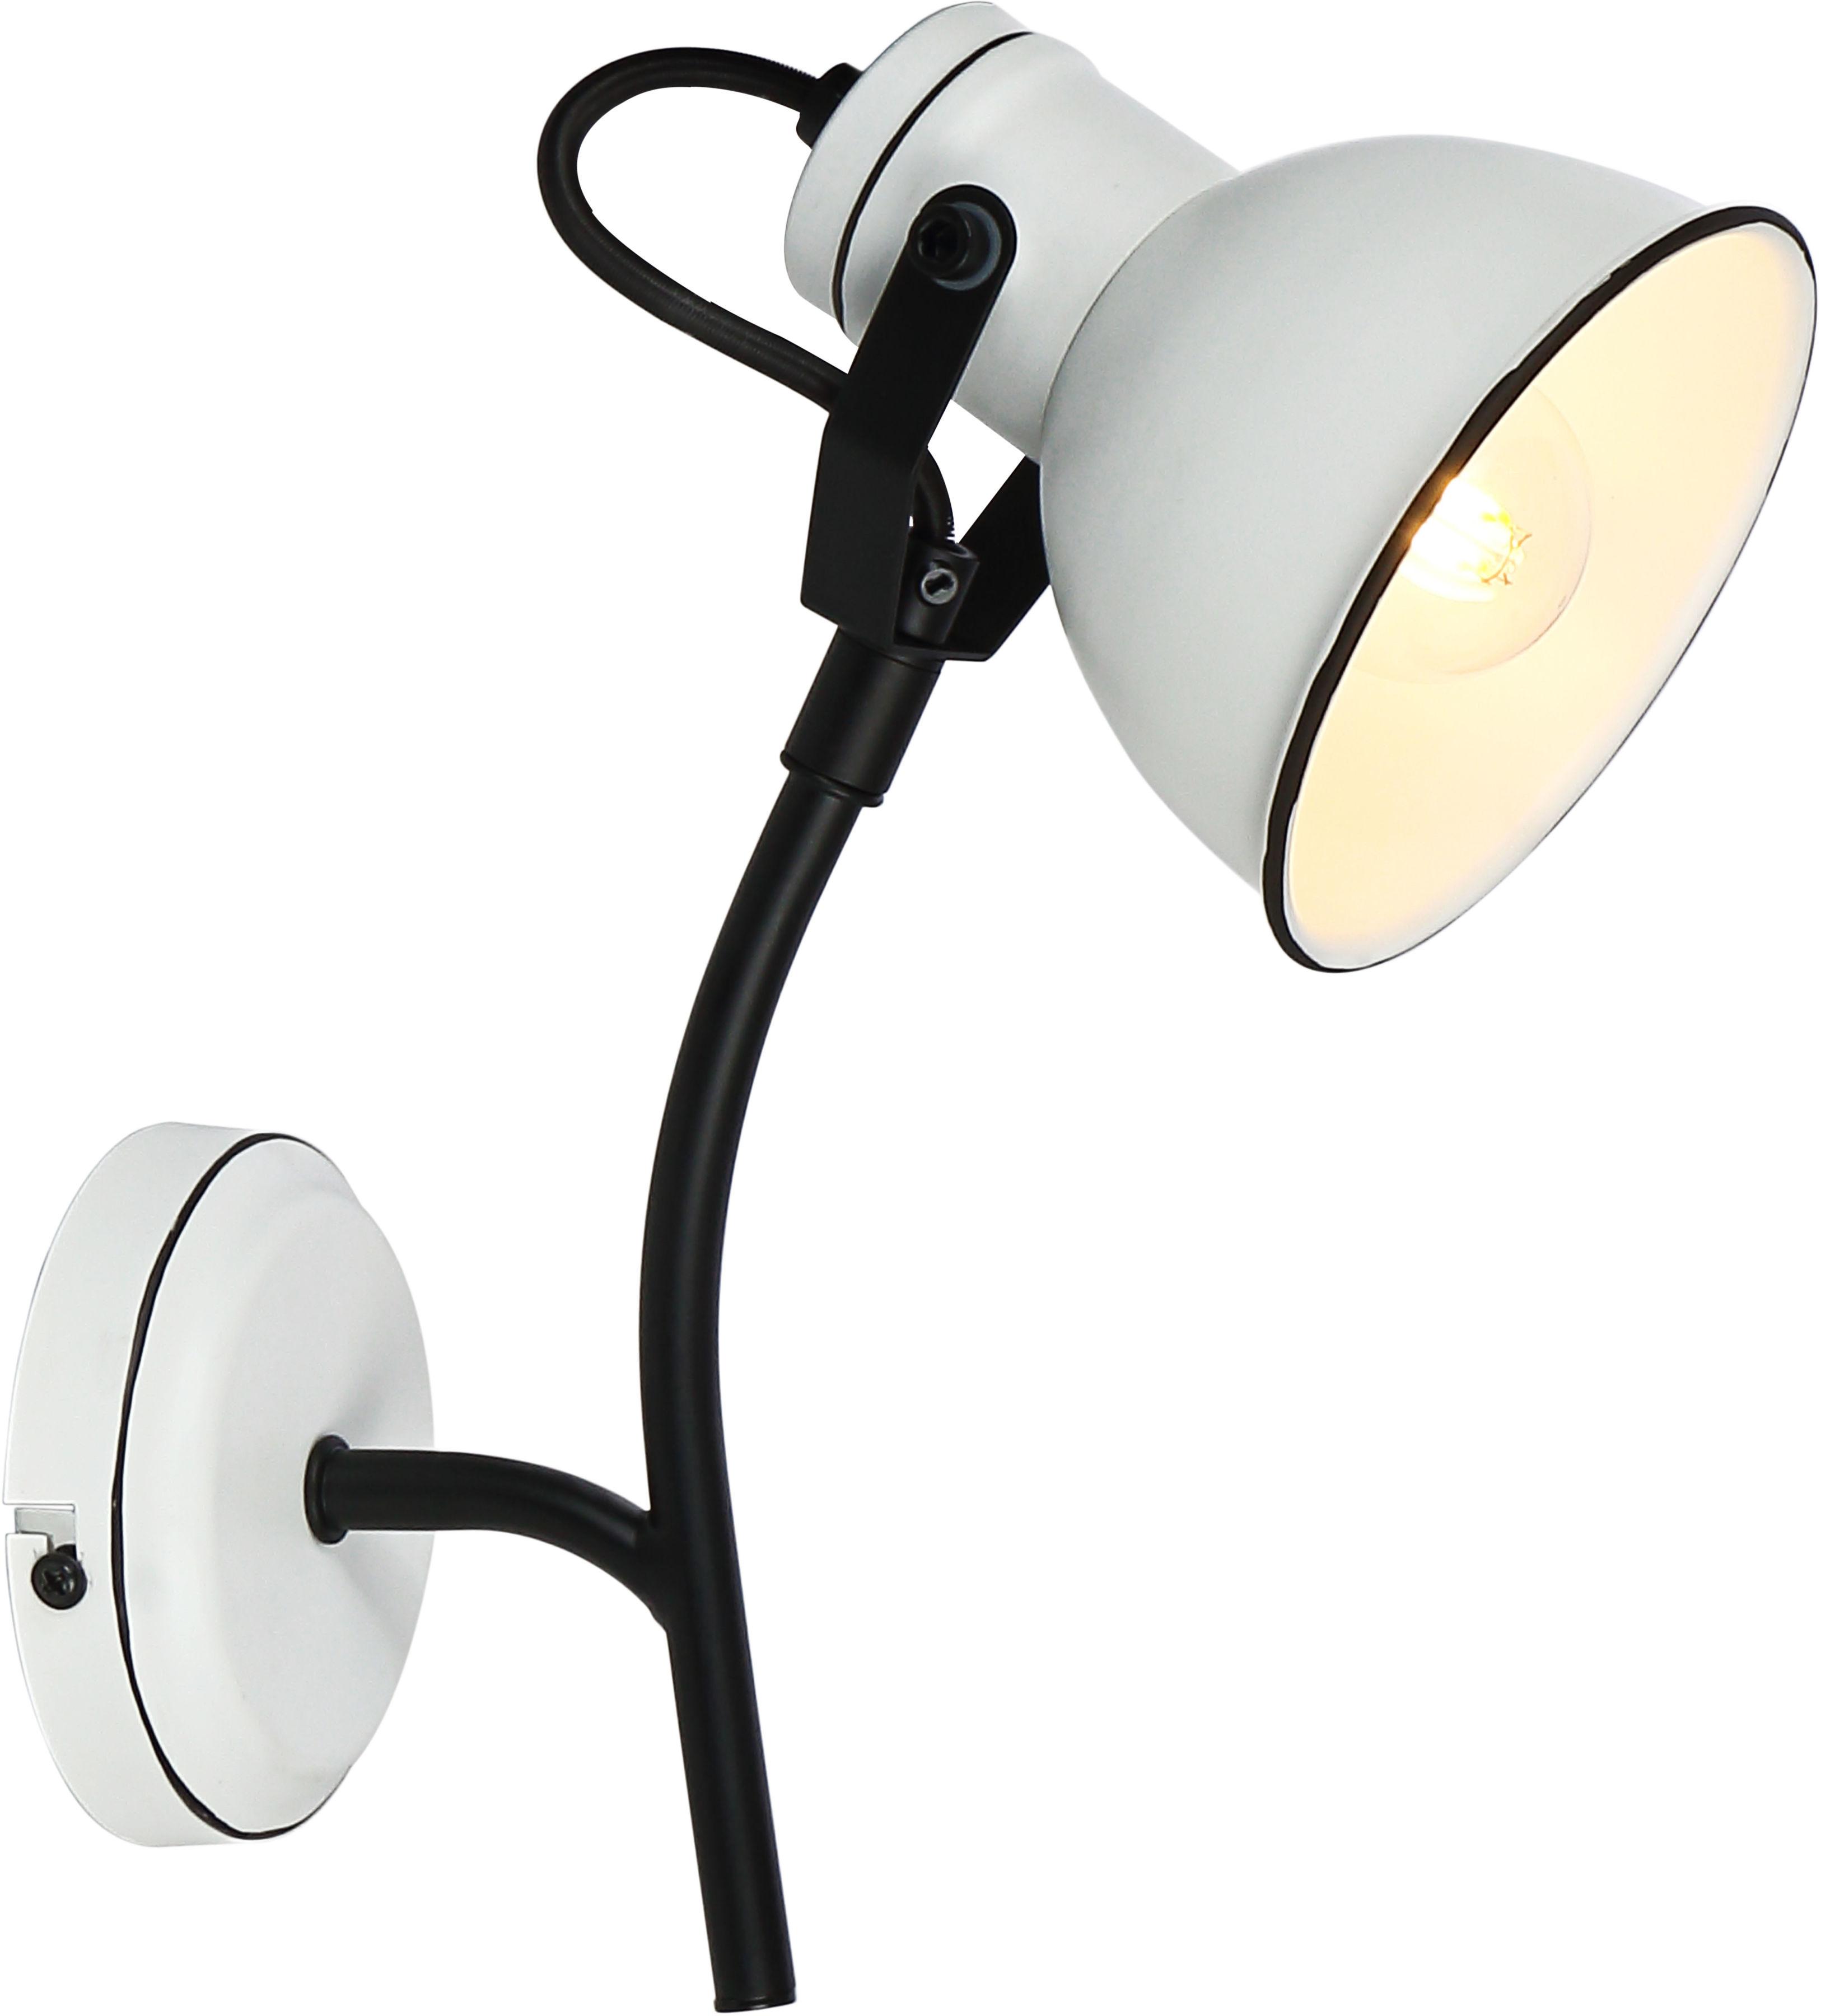 Candellux ZUMBA 91-72122 kinkiet lampa ścienna czarny + biały 1X40W E14